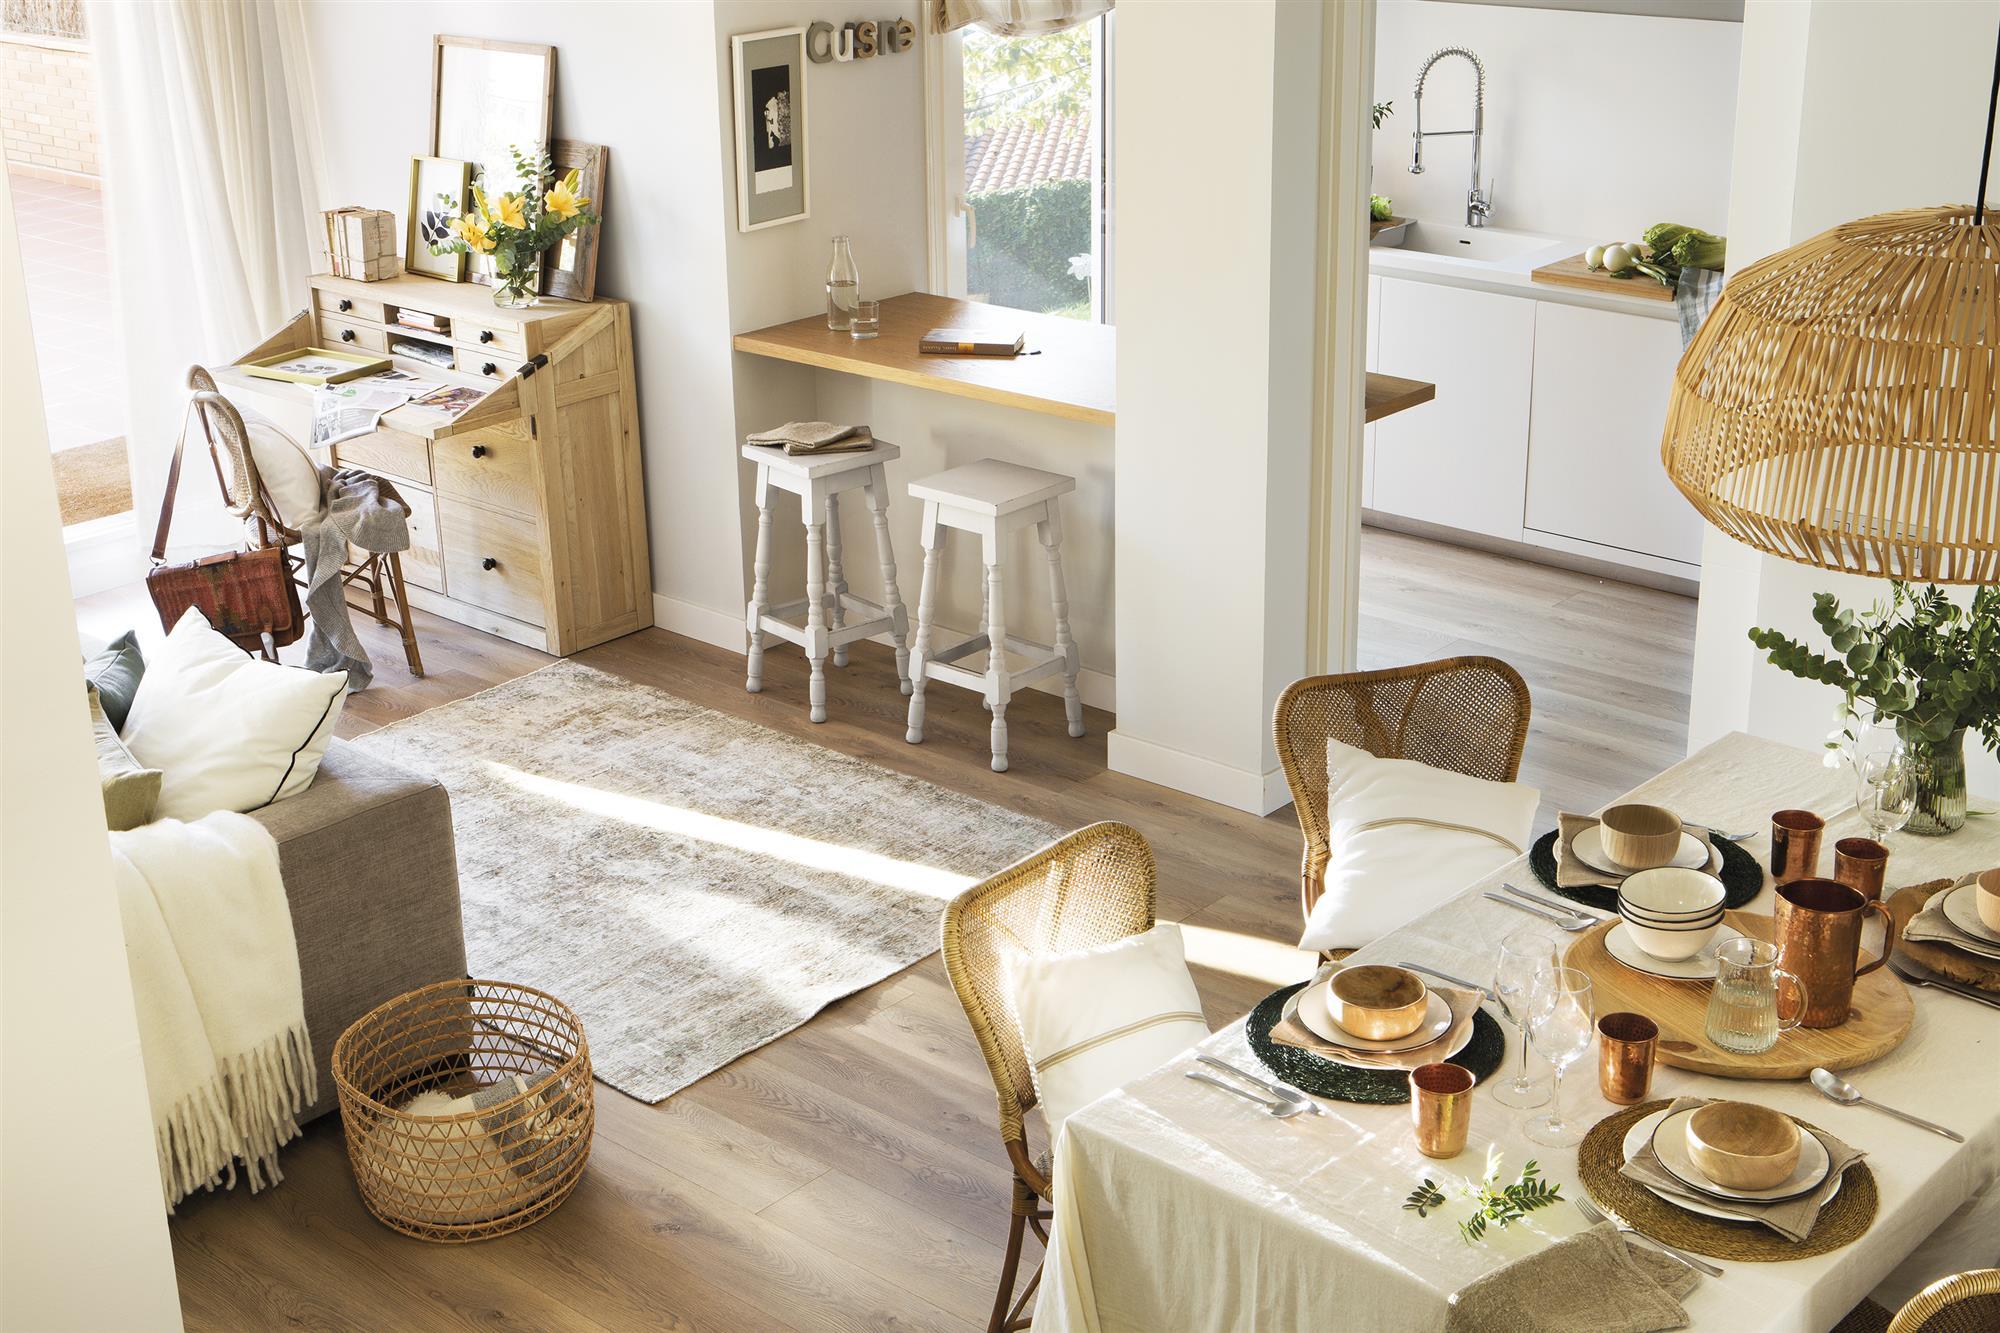 Una casa comodísima con una cocina abierta y un gran vestidor